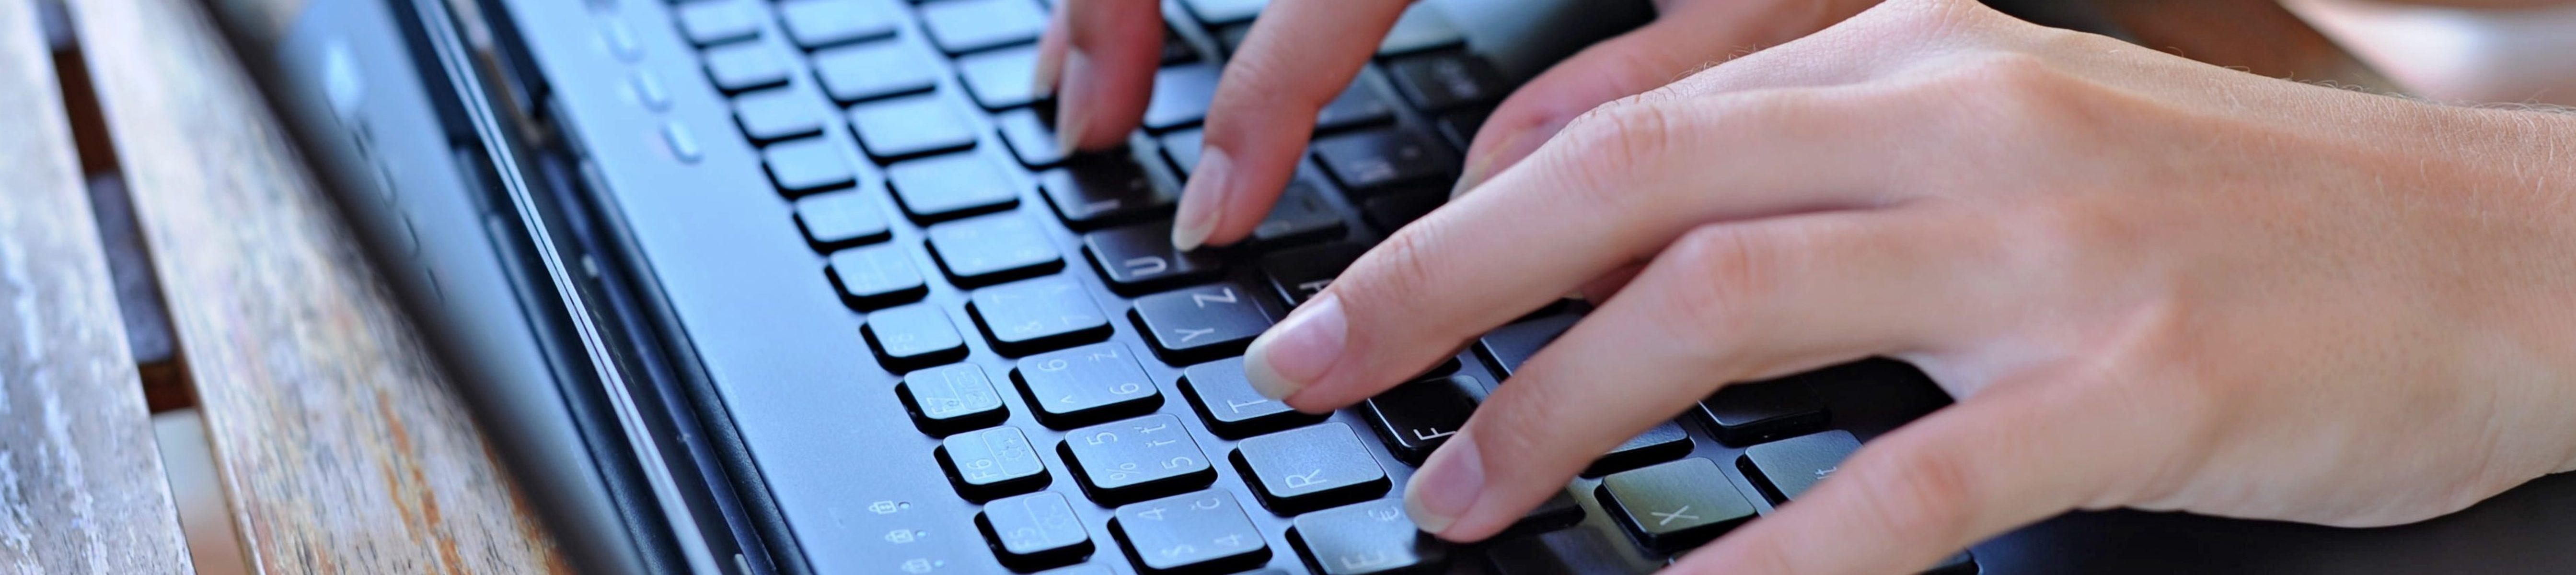 中小企電腦網絡技術支援服務優惠